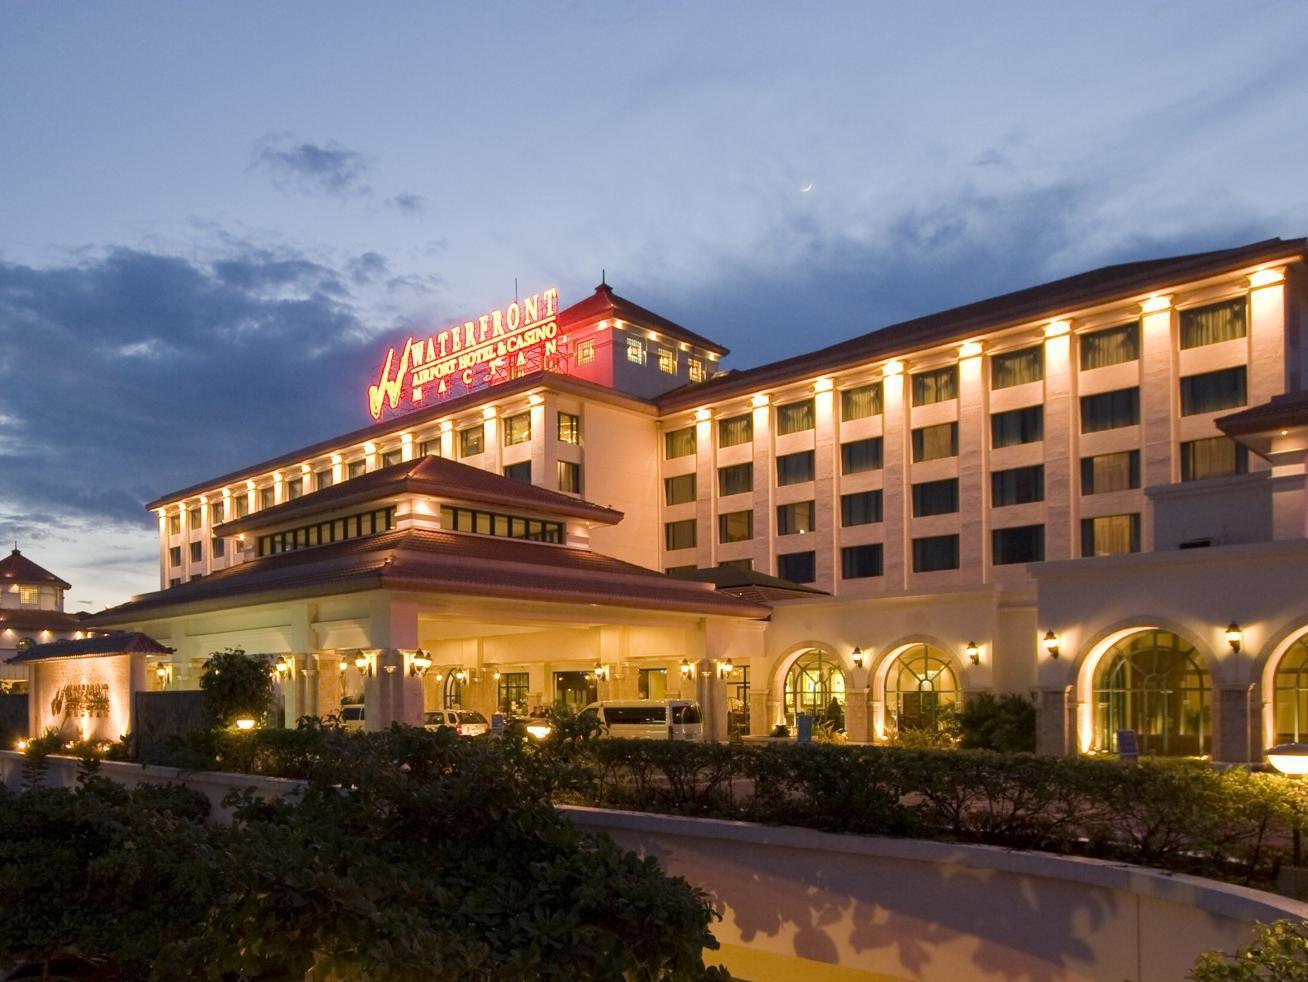 Waterfront hotel and casino diamond casino cruise